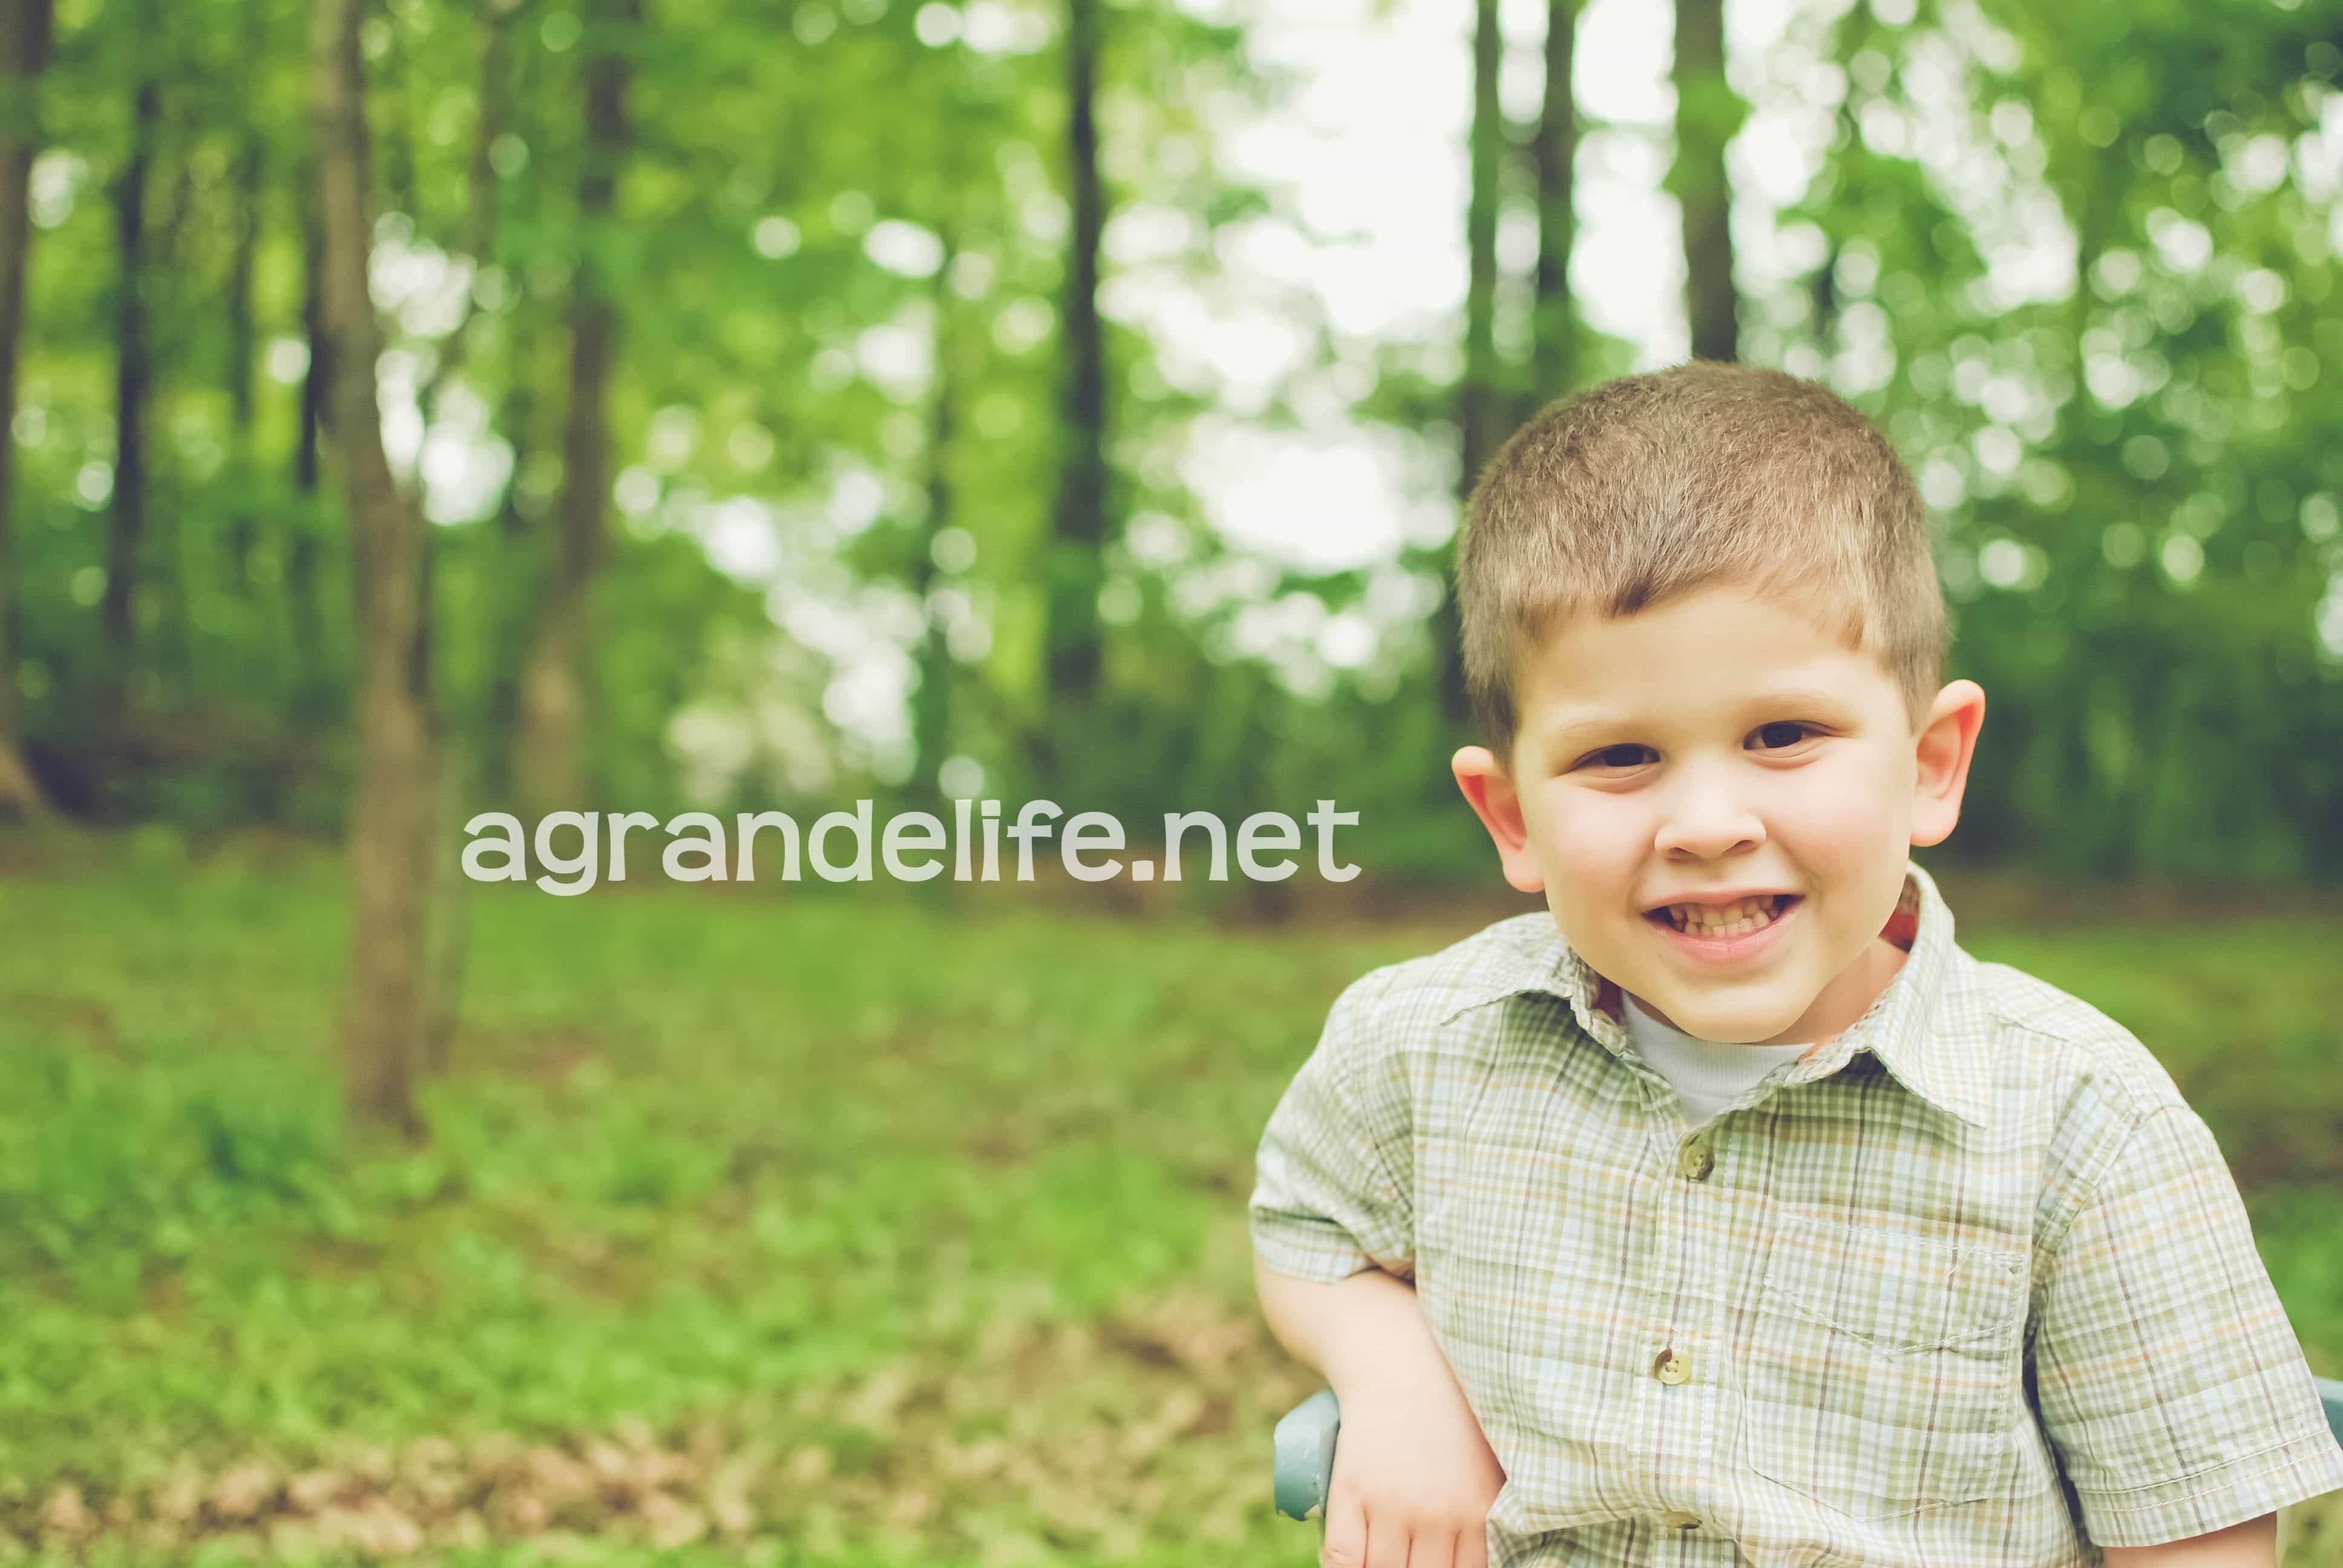 http://agrandelife.net/wp-content/uploads/2012/05/ethan-5wm.jpg